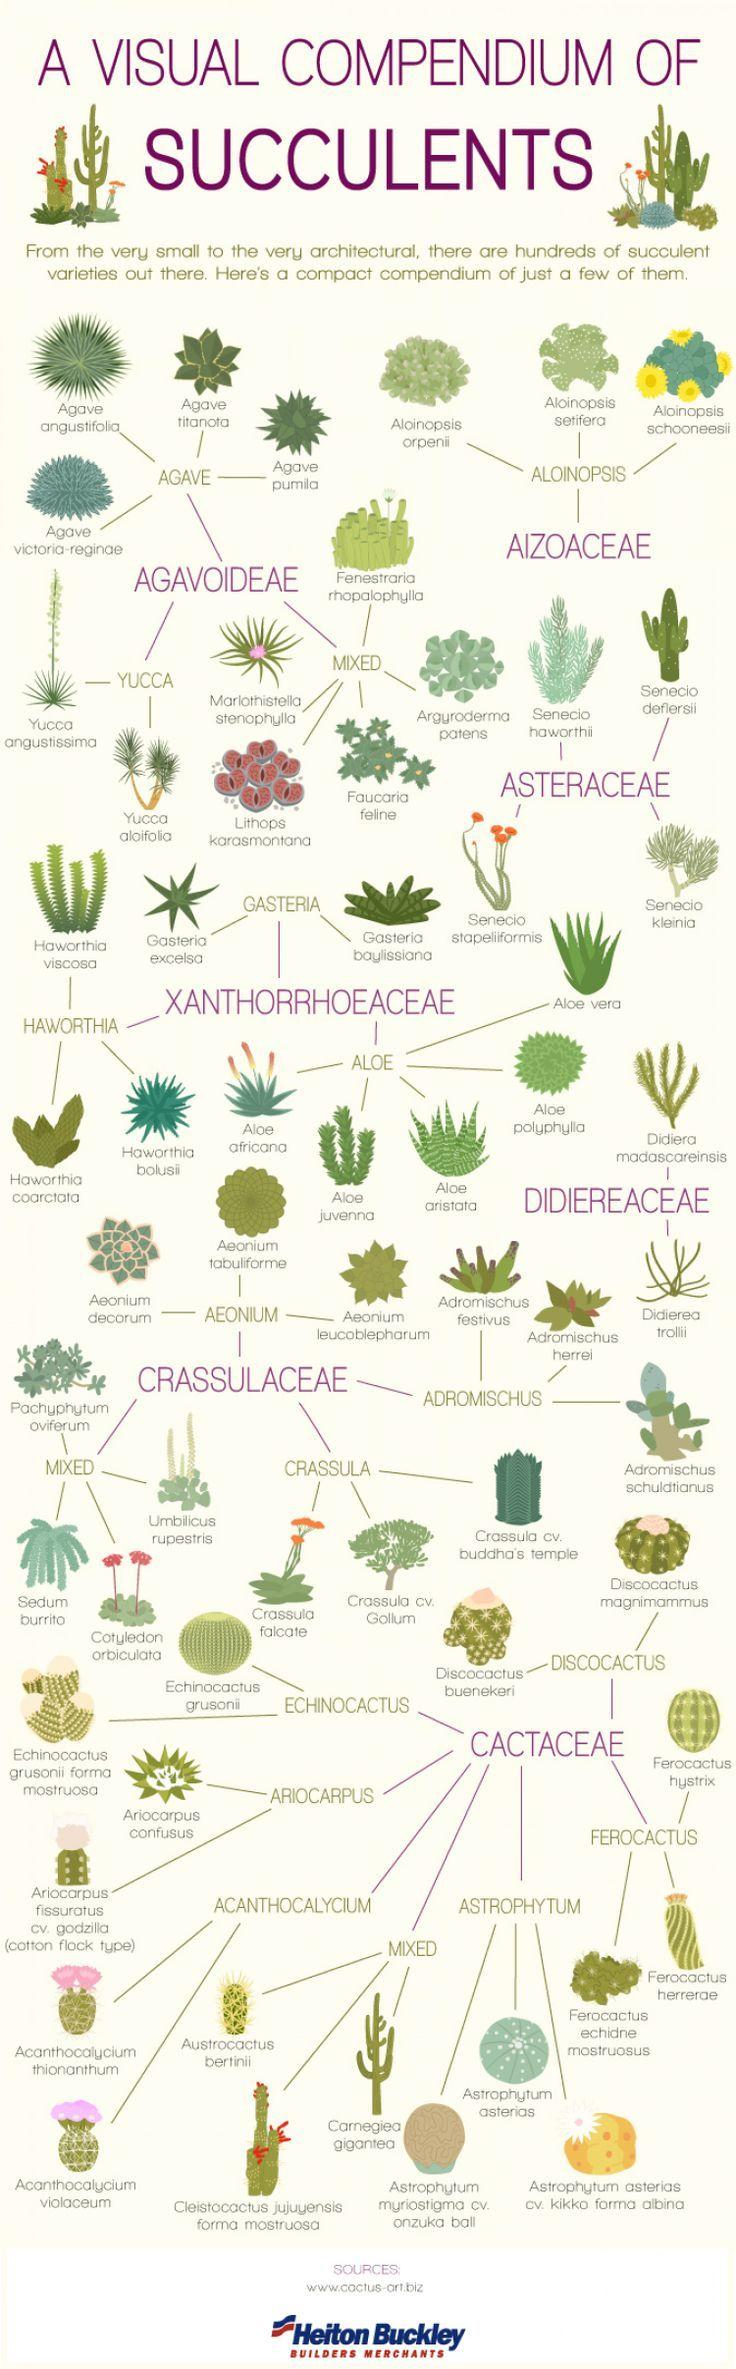 A Visual Compendium of Succulents | DunnDIY.com